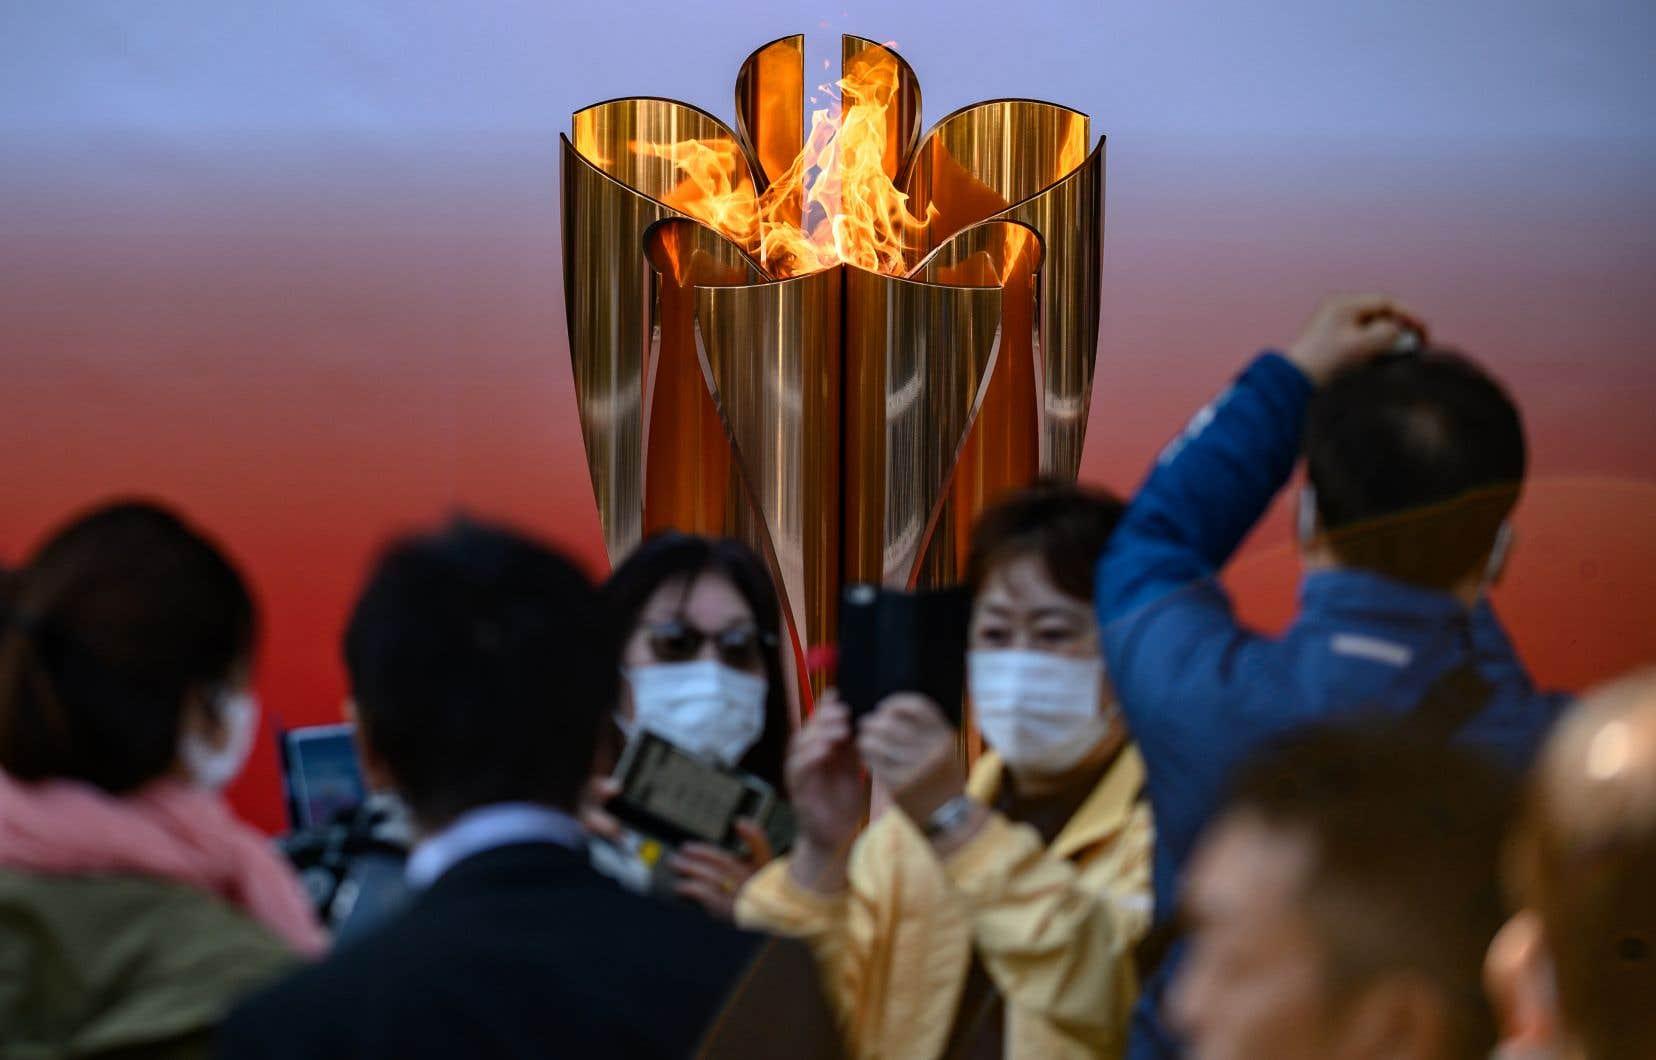 La flamme olympique des Jeux de Tokyo, exposée à Sendai, dans la préfecture de Miyagi au Japon.Les appels au report de la part d'athlètes et d'associations sportives se multiplient.